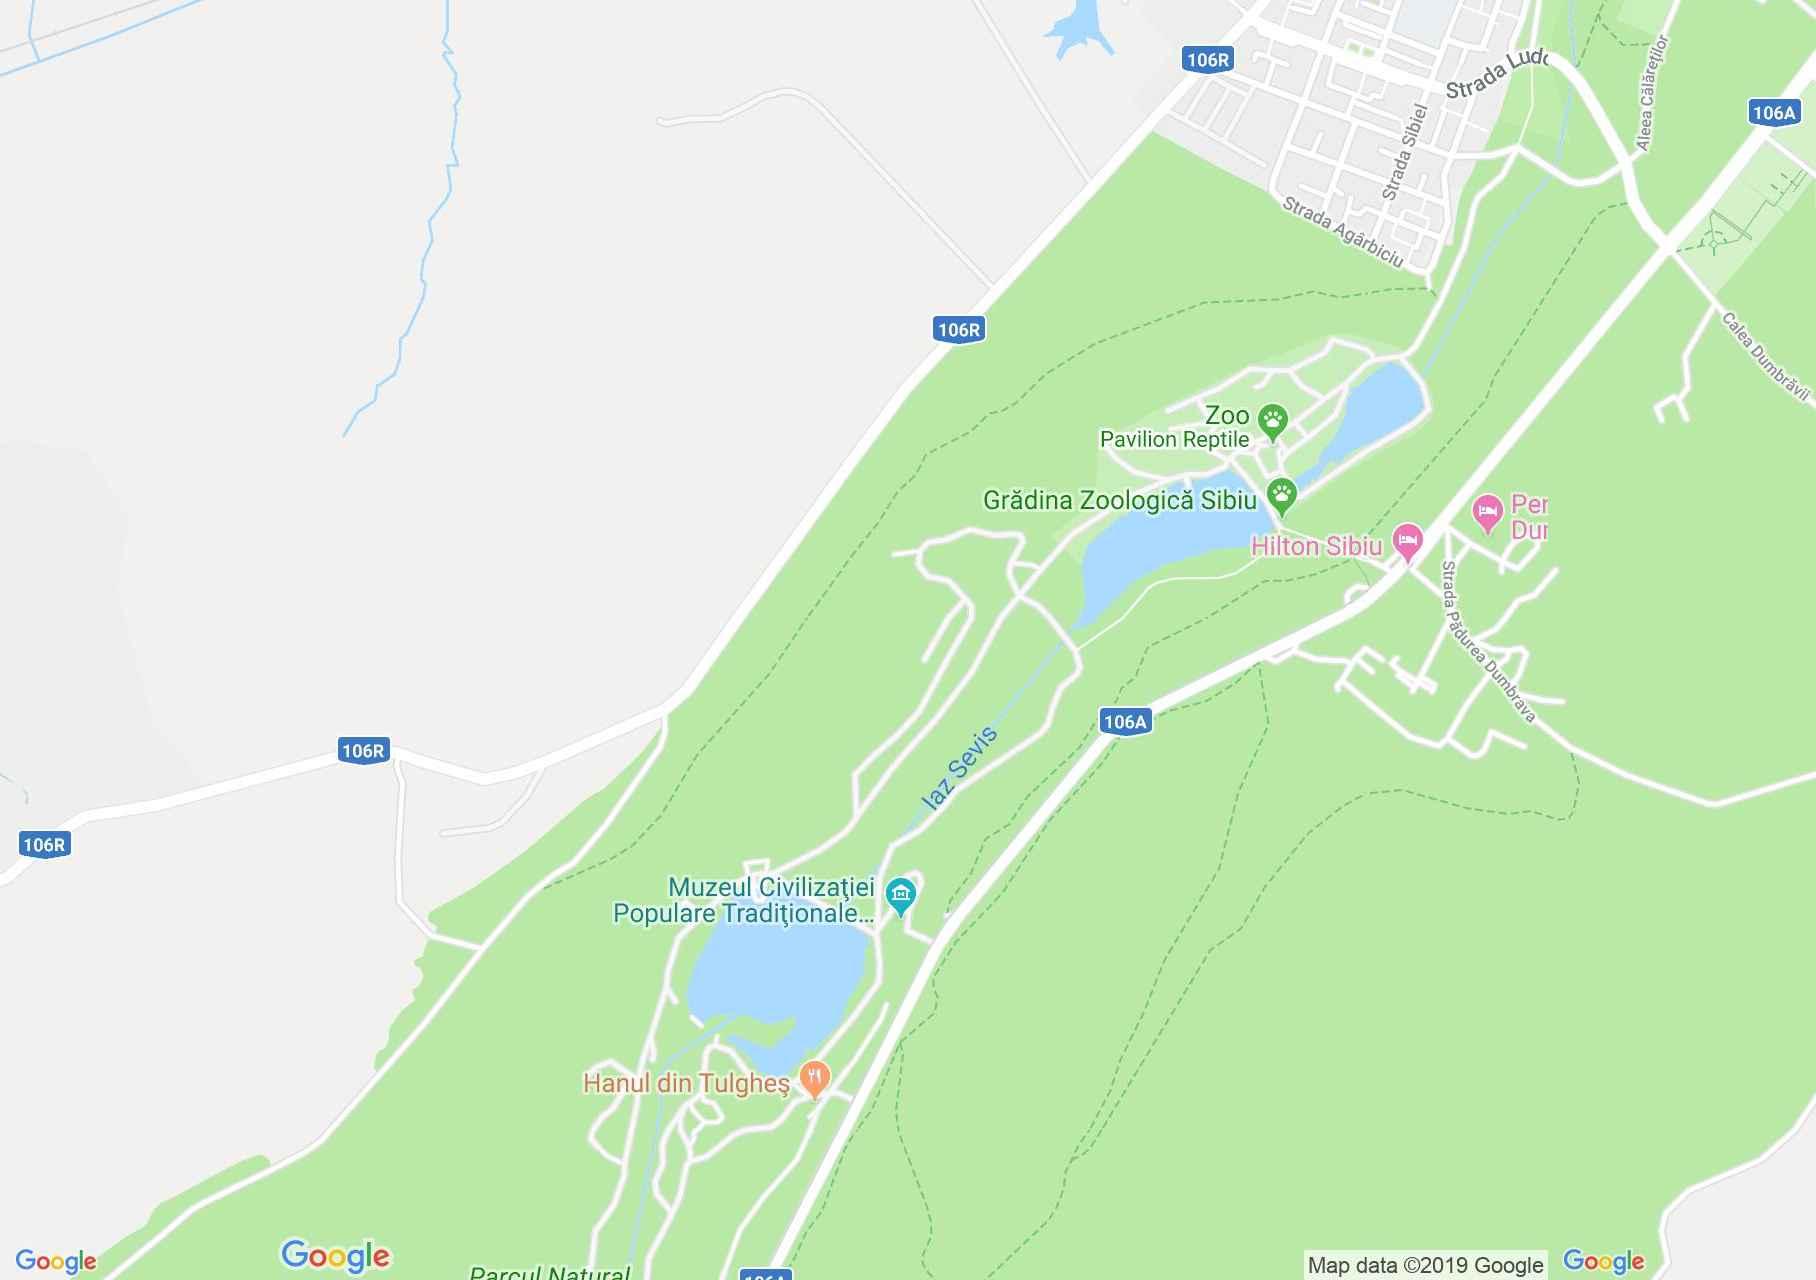 Map of Sibiu: Astra Folk Civilization Museum